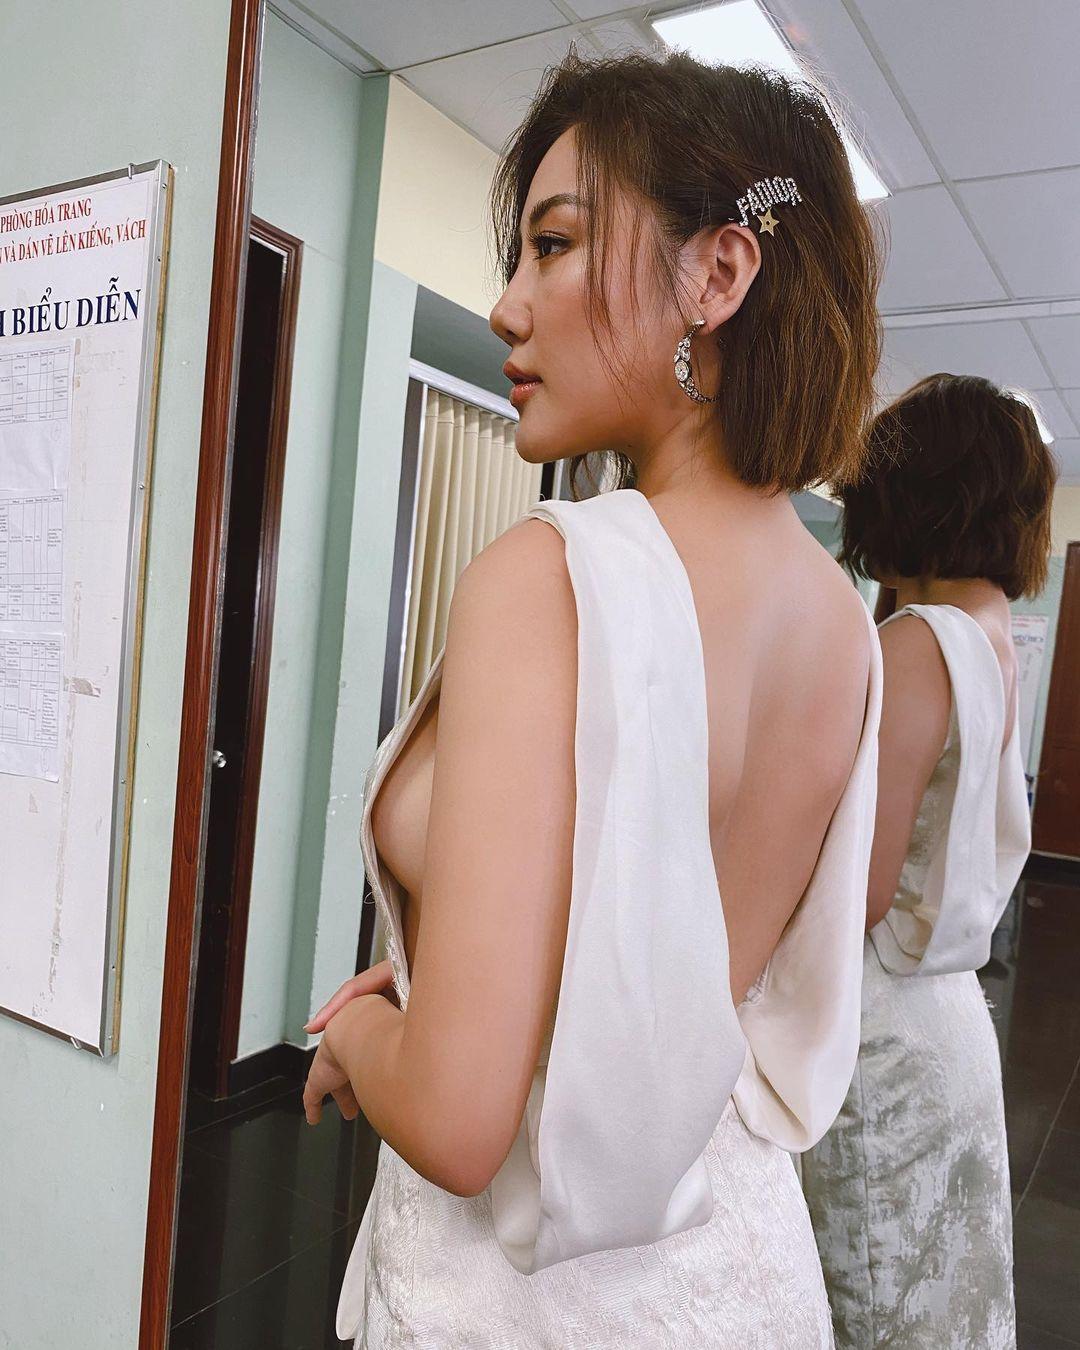 Văn Mai Hương body ngày càng tuyệt mỹ, 3 vòng căng nuột nhờ giảm cân bằng… men - hình ảnh 3